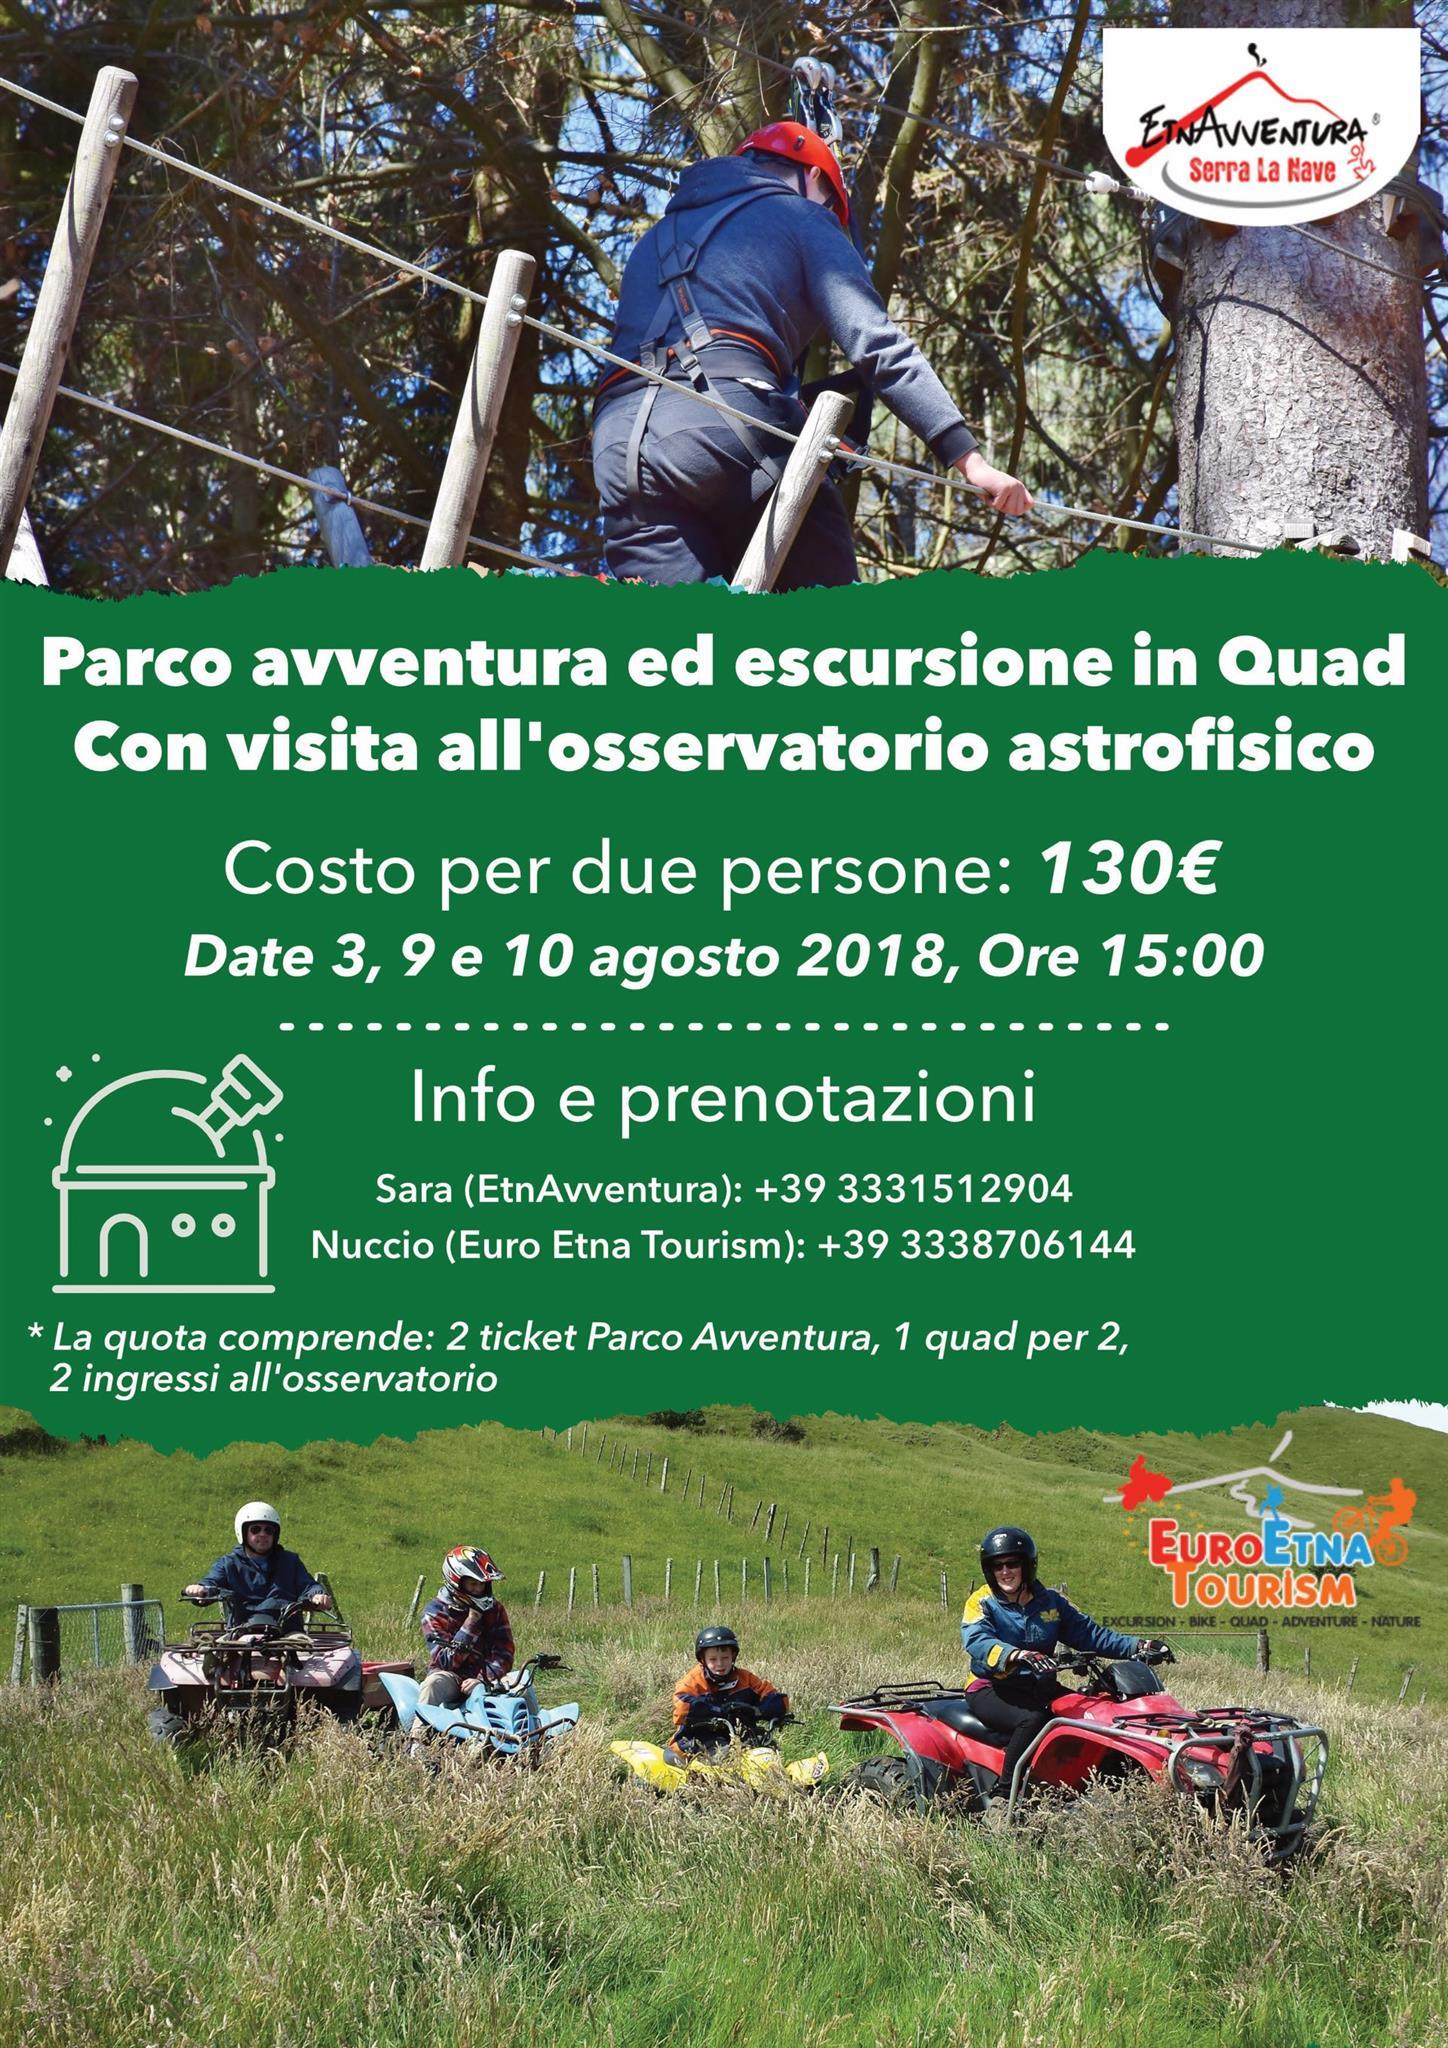 Parco Avventura Etna, Escursione In Quad E Visita All'osservatorio